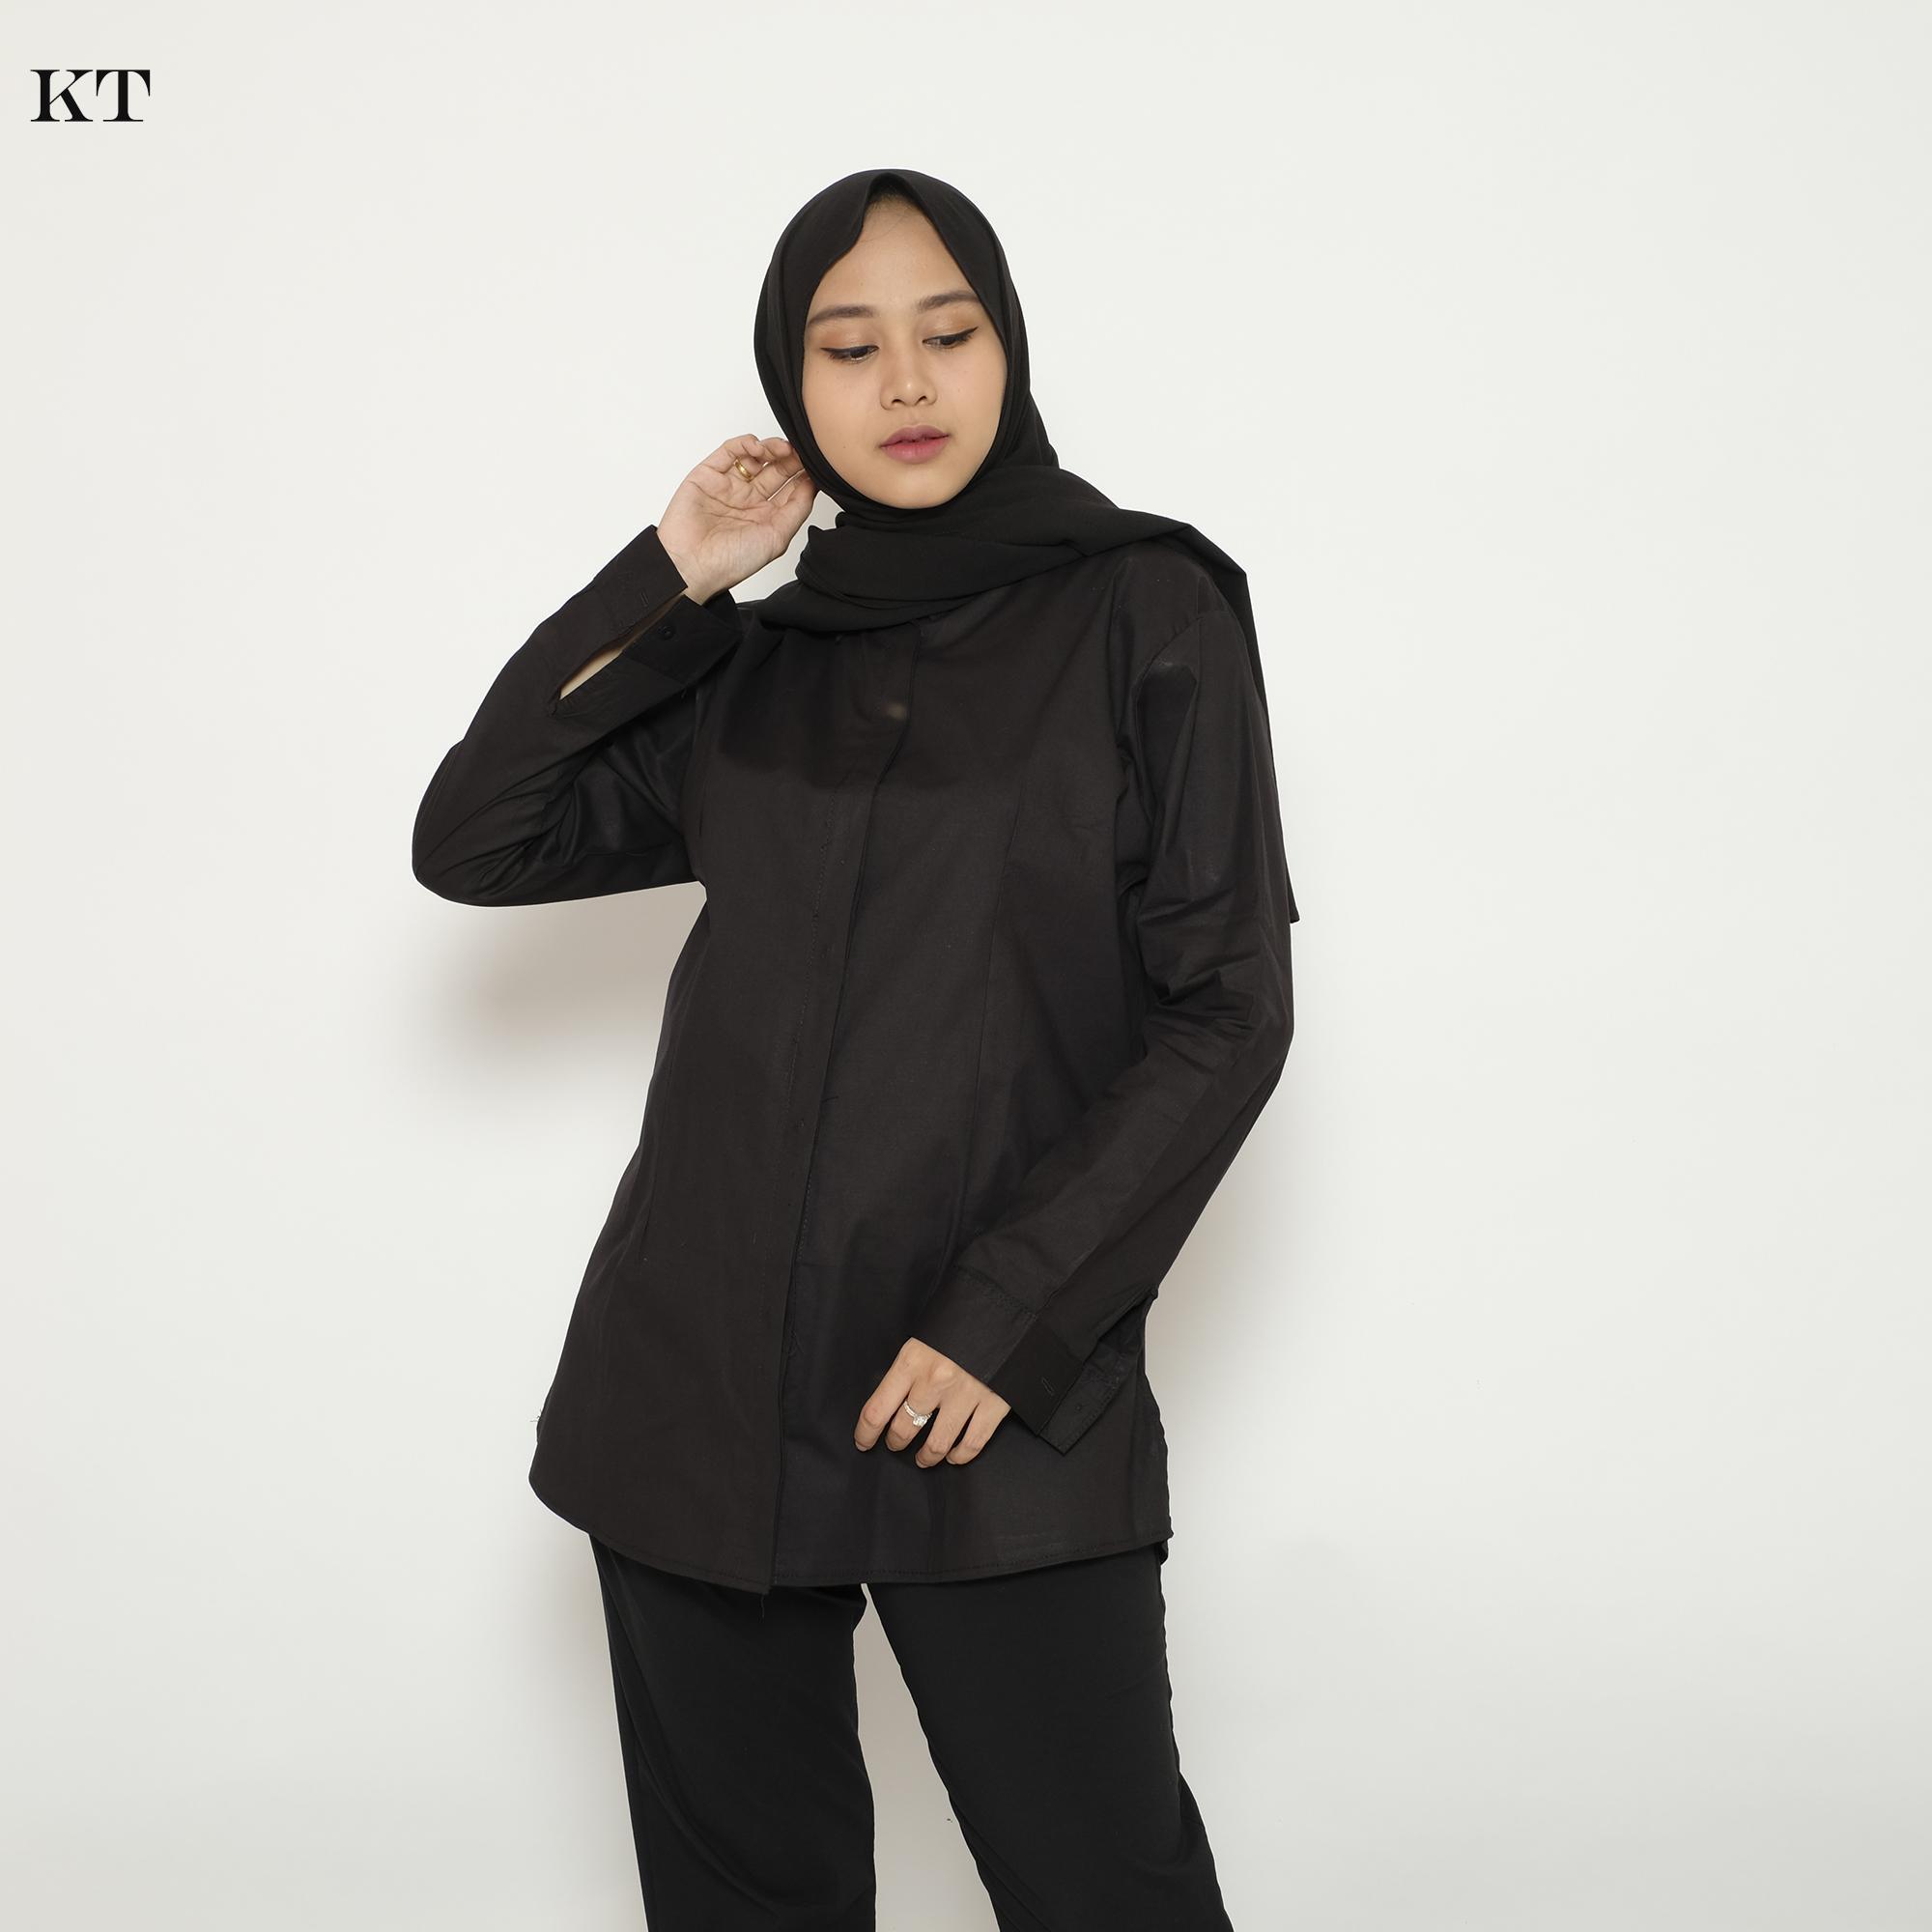 haymeestore kemeja basic polos jumbo wanita baju kantor cewek formal atasan kerja cewe bahan katun strecth hitam putih